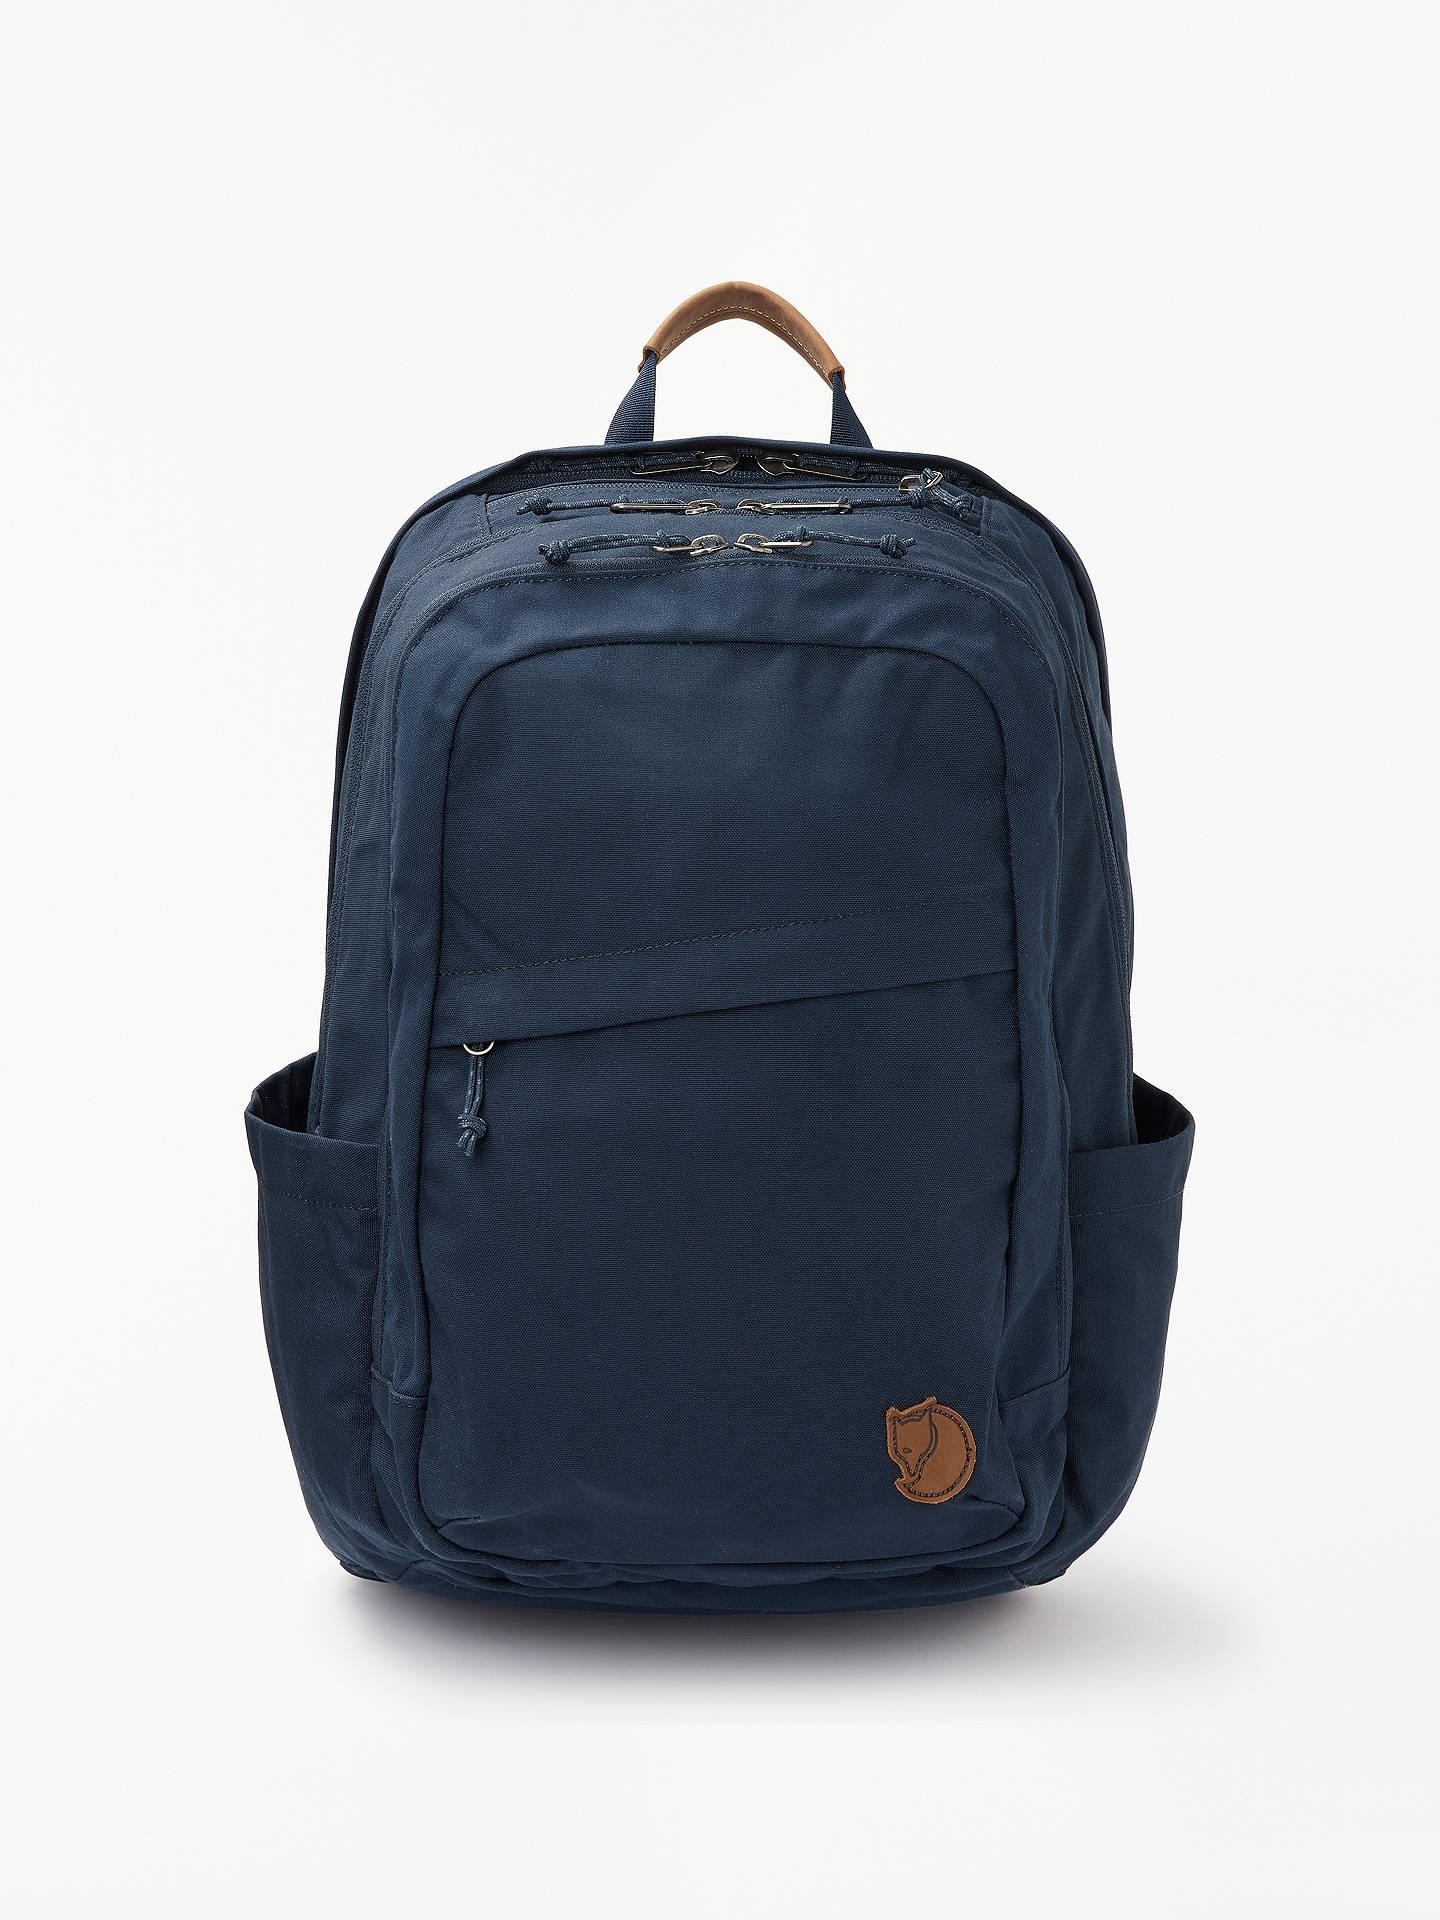 BuyFjällräven Raven 28L Backpack, Navy Online at johnlewis.com ... 2097afdea2